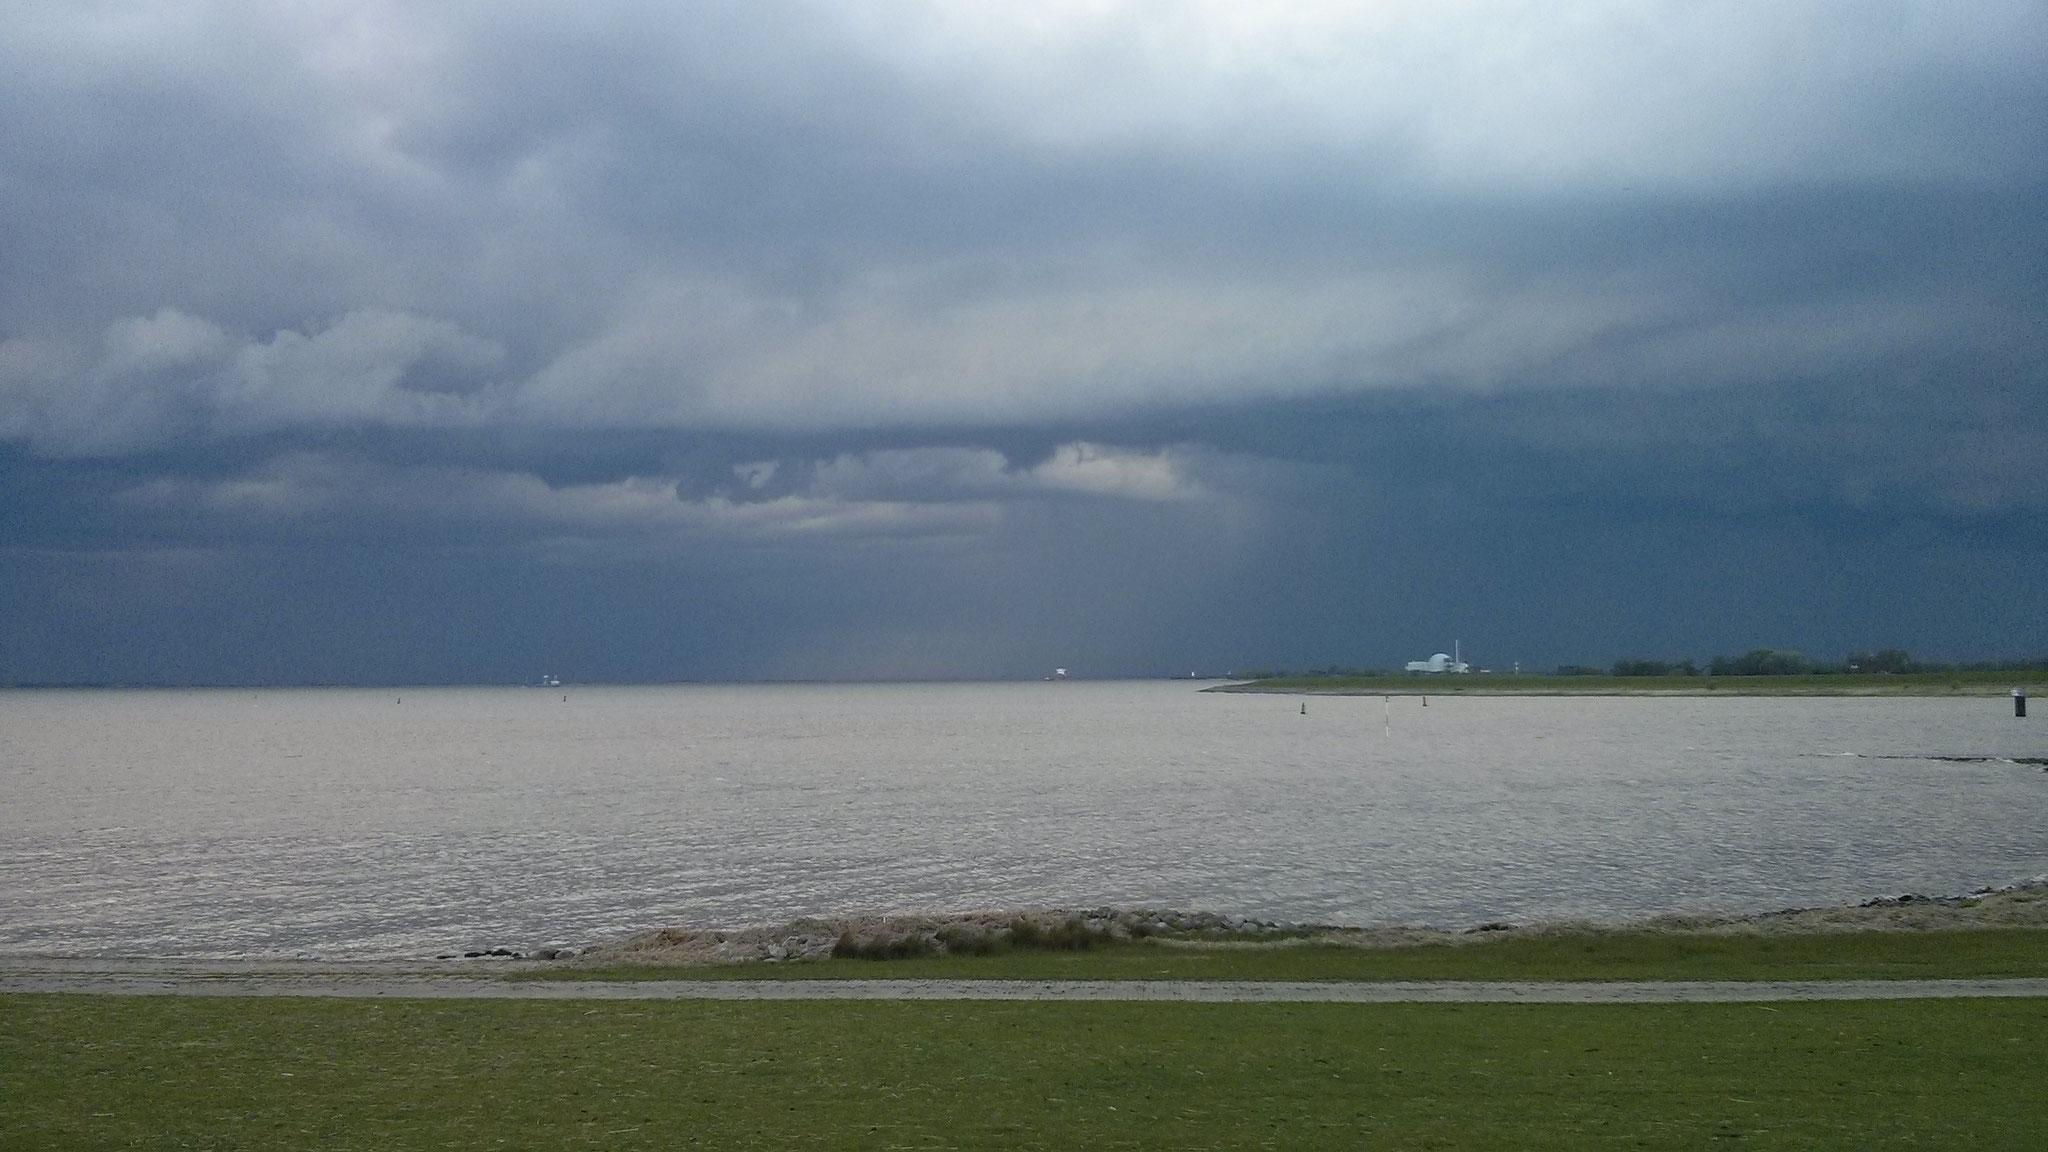 Von der Nordsee aufziehende Sturmfront - immer wieder faszinierend.